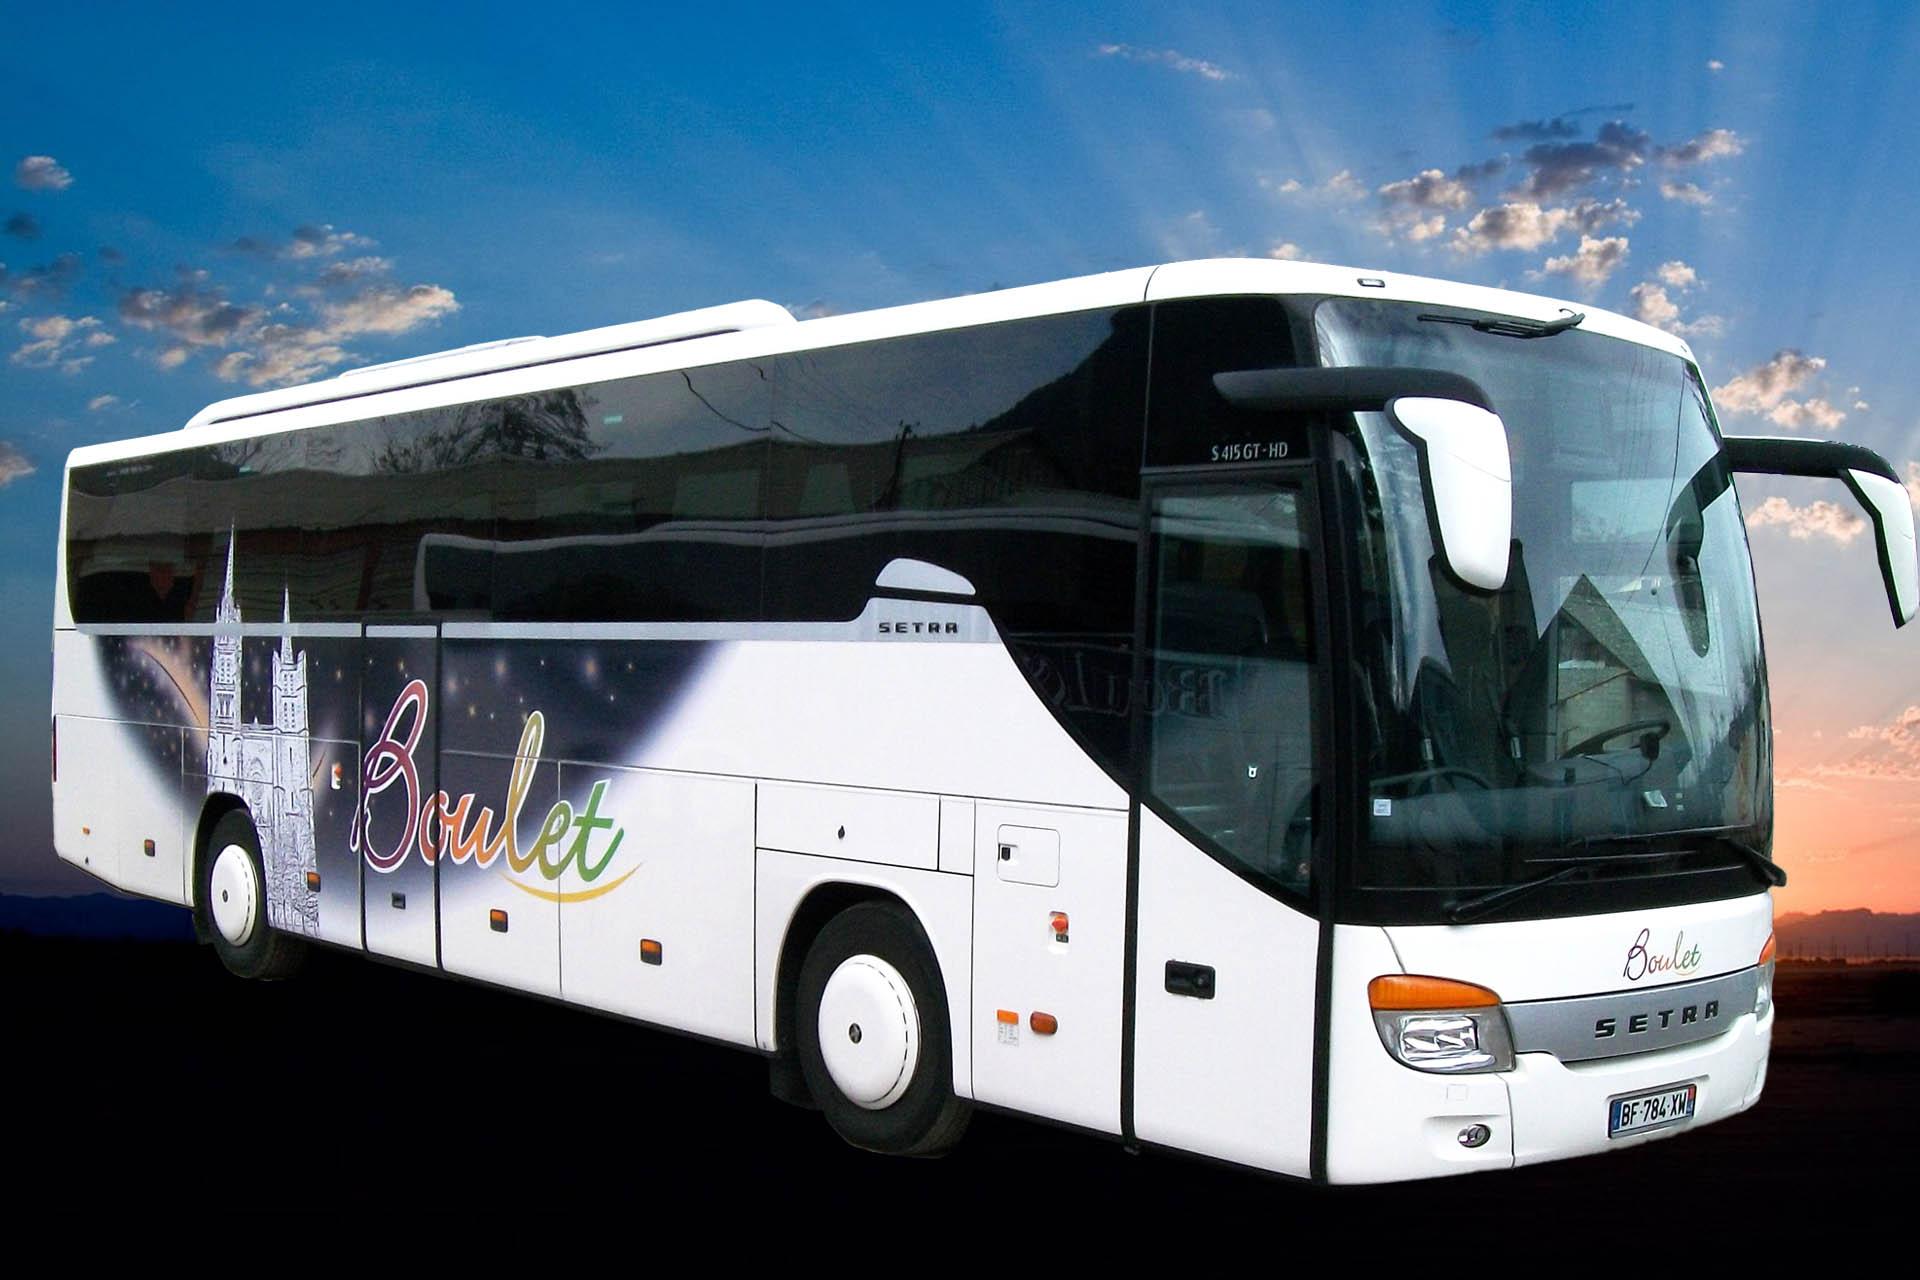 setra-415hd-autocars-boulet-mende